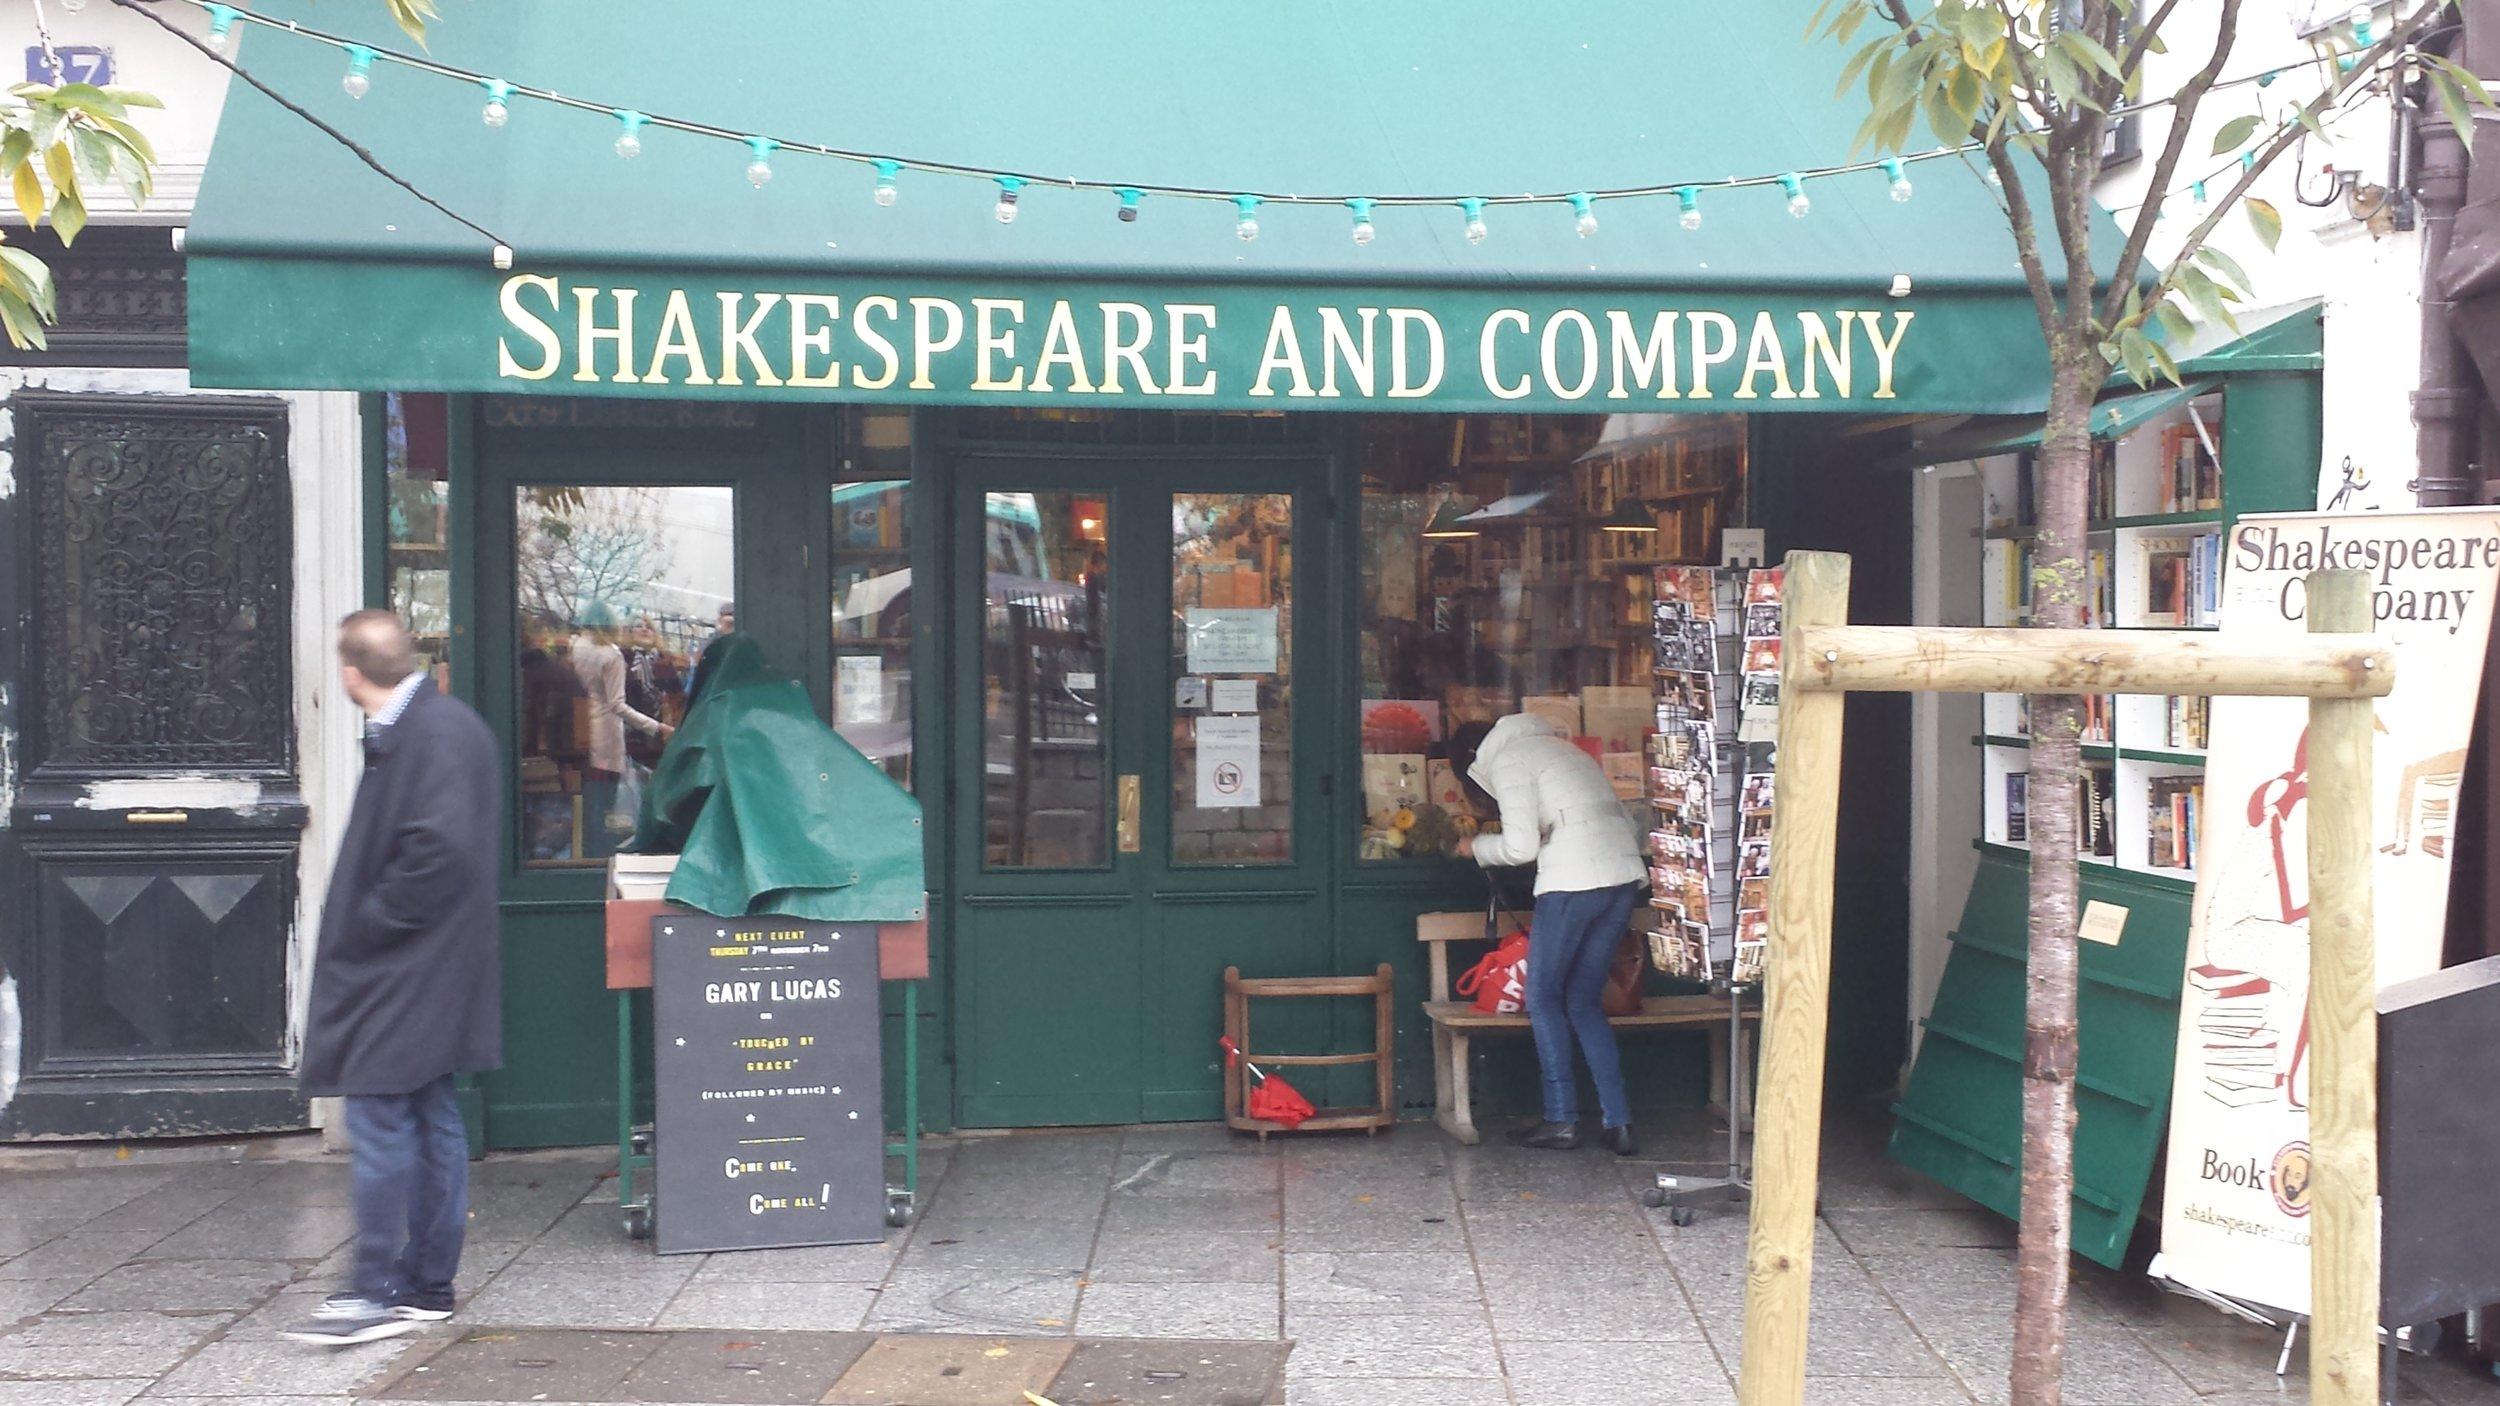 shakespeareandco.jpg